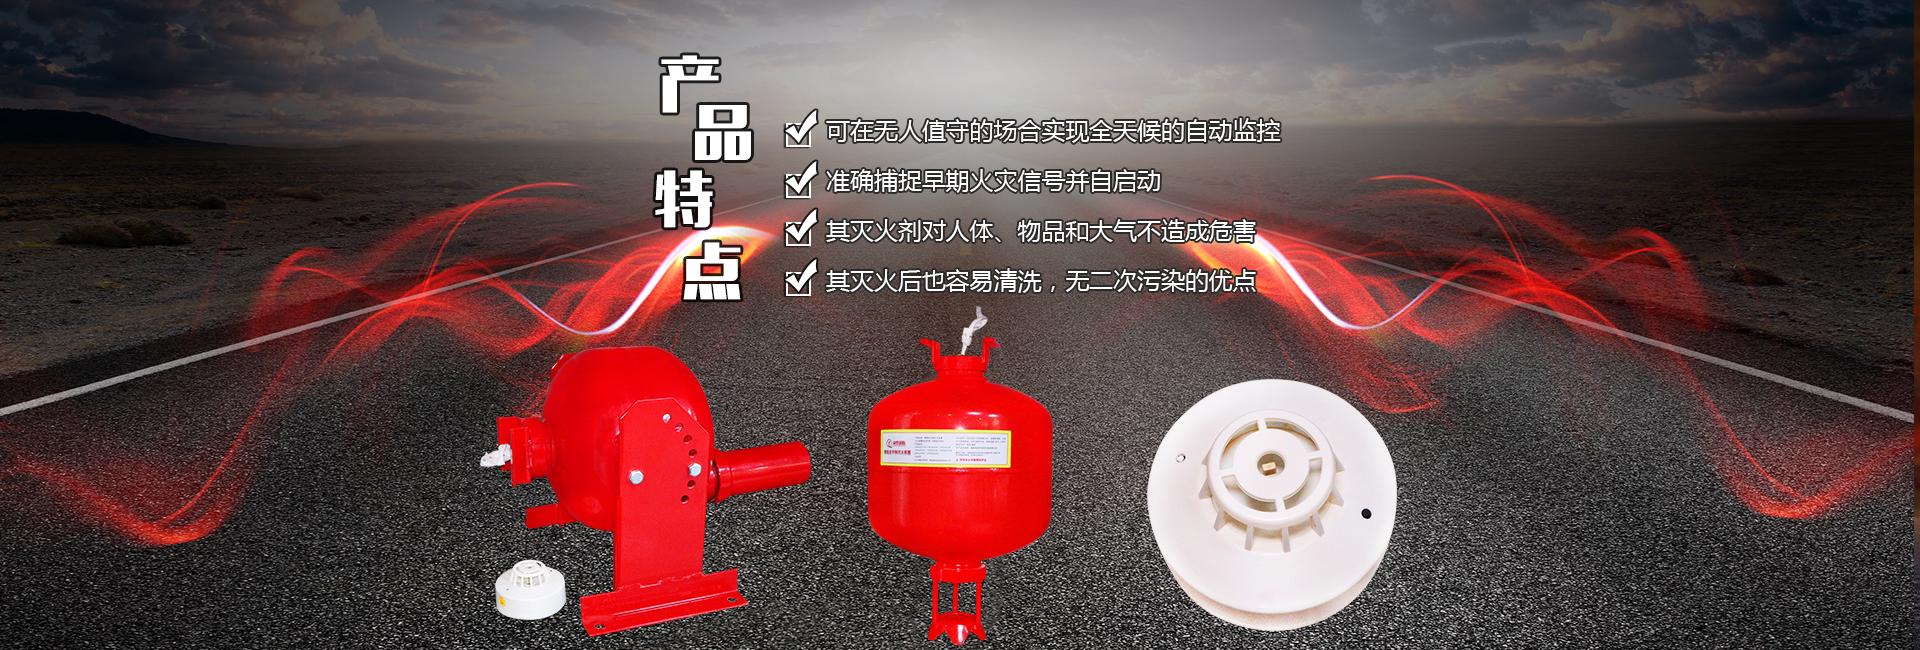 福建省泉烨消防科技有限公司